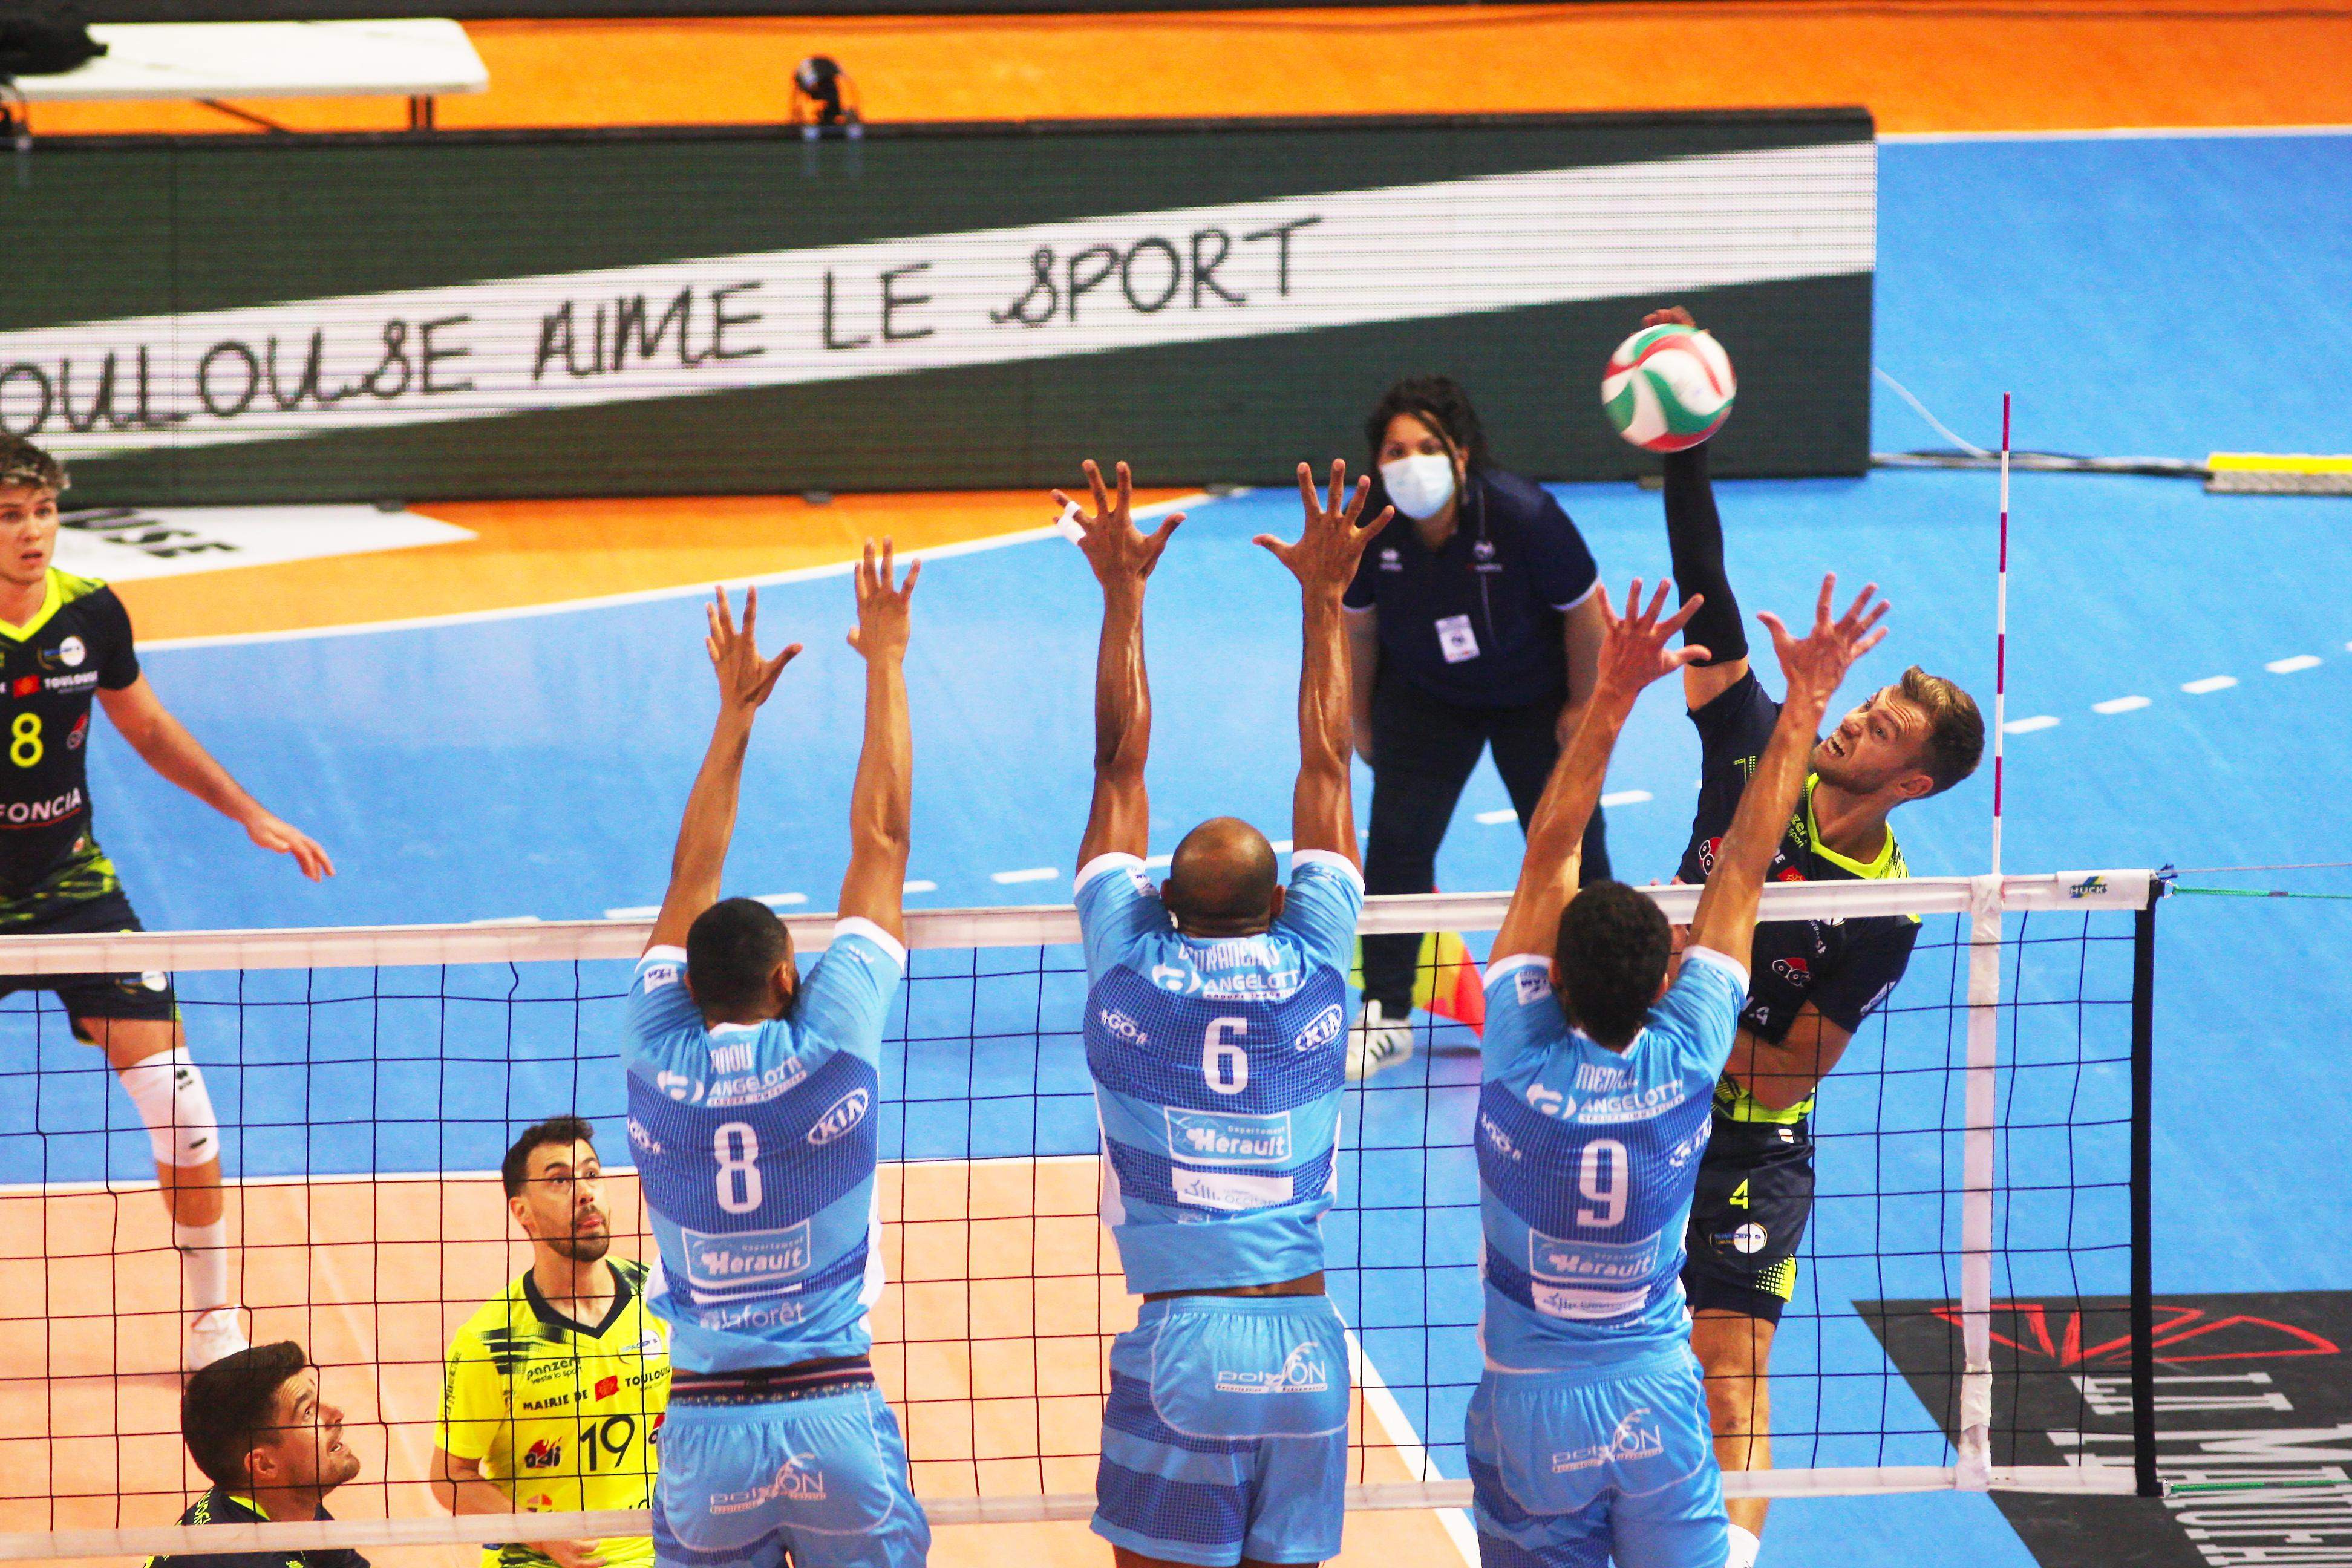 Corona krijgt Gijs Jorna te pakken, maar toch heeft de volleyballer meer voordeel dan nadeel gehad van het virus: met een knalservice keert hij terug in de sterker geworden Franse competitie